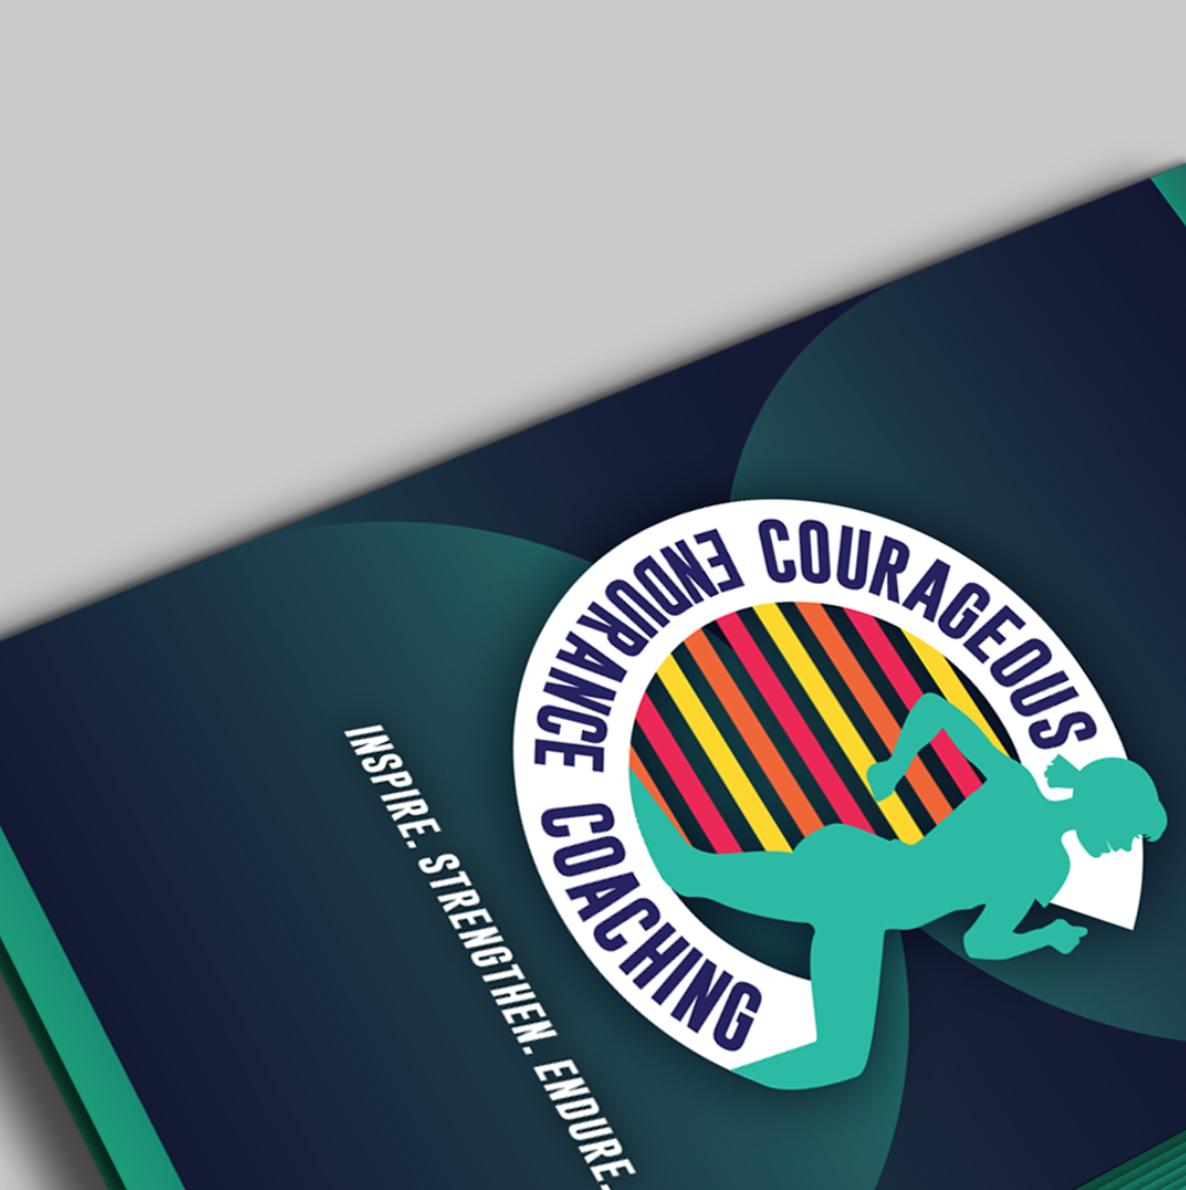 Courageous Endurance Coaching